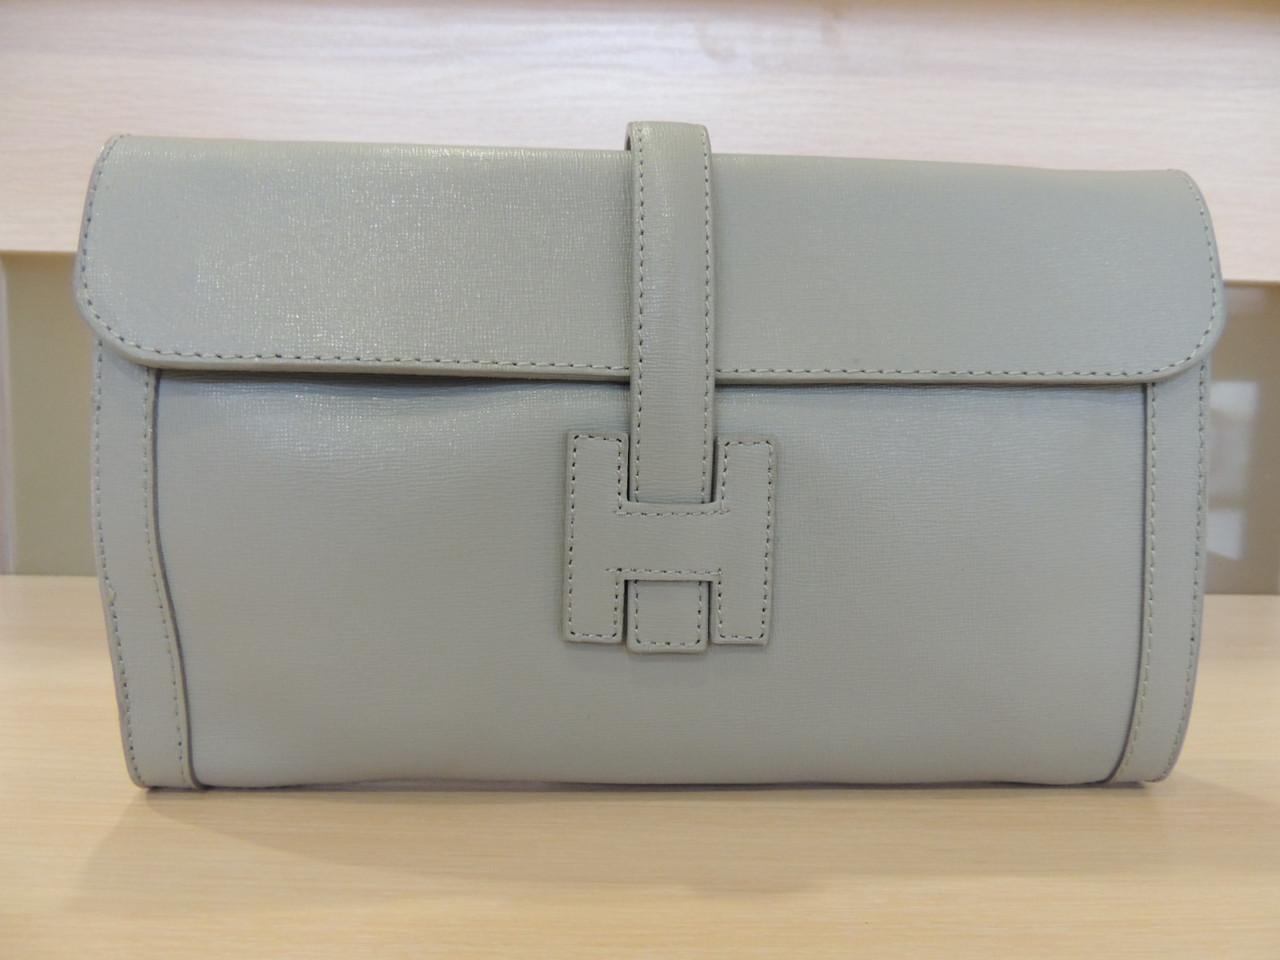 Белая, серая, коричневая, бирюзовая, синяя сумочка - клатч женская кожаная, итальянская. Серый